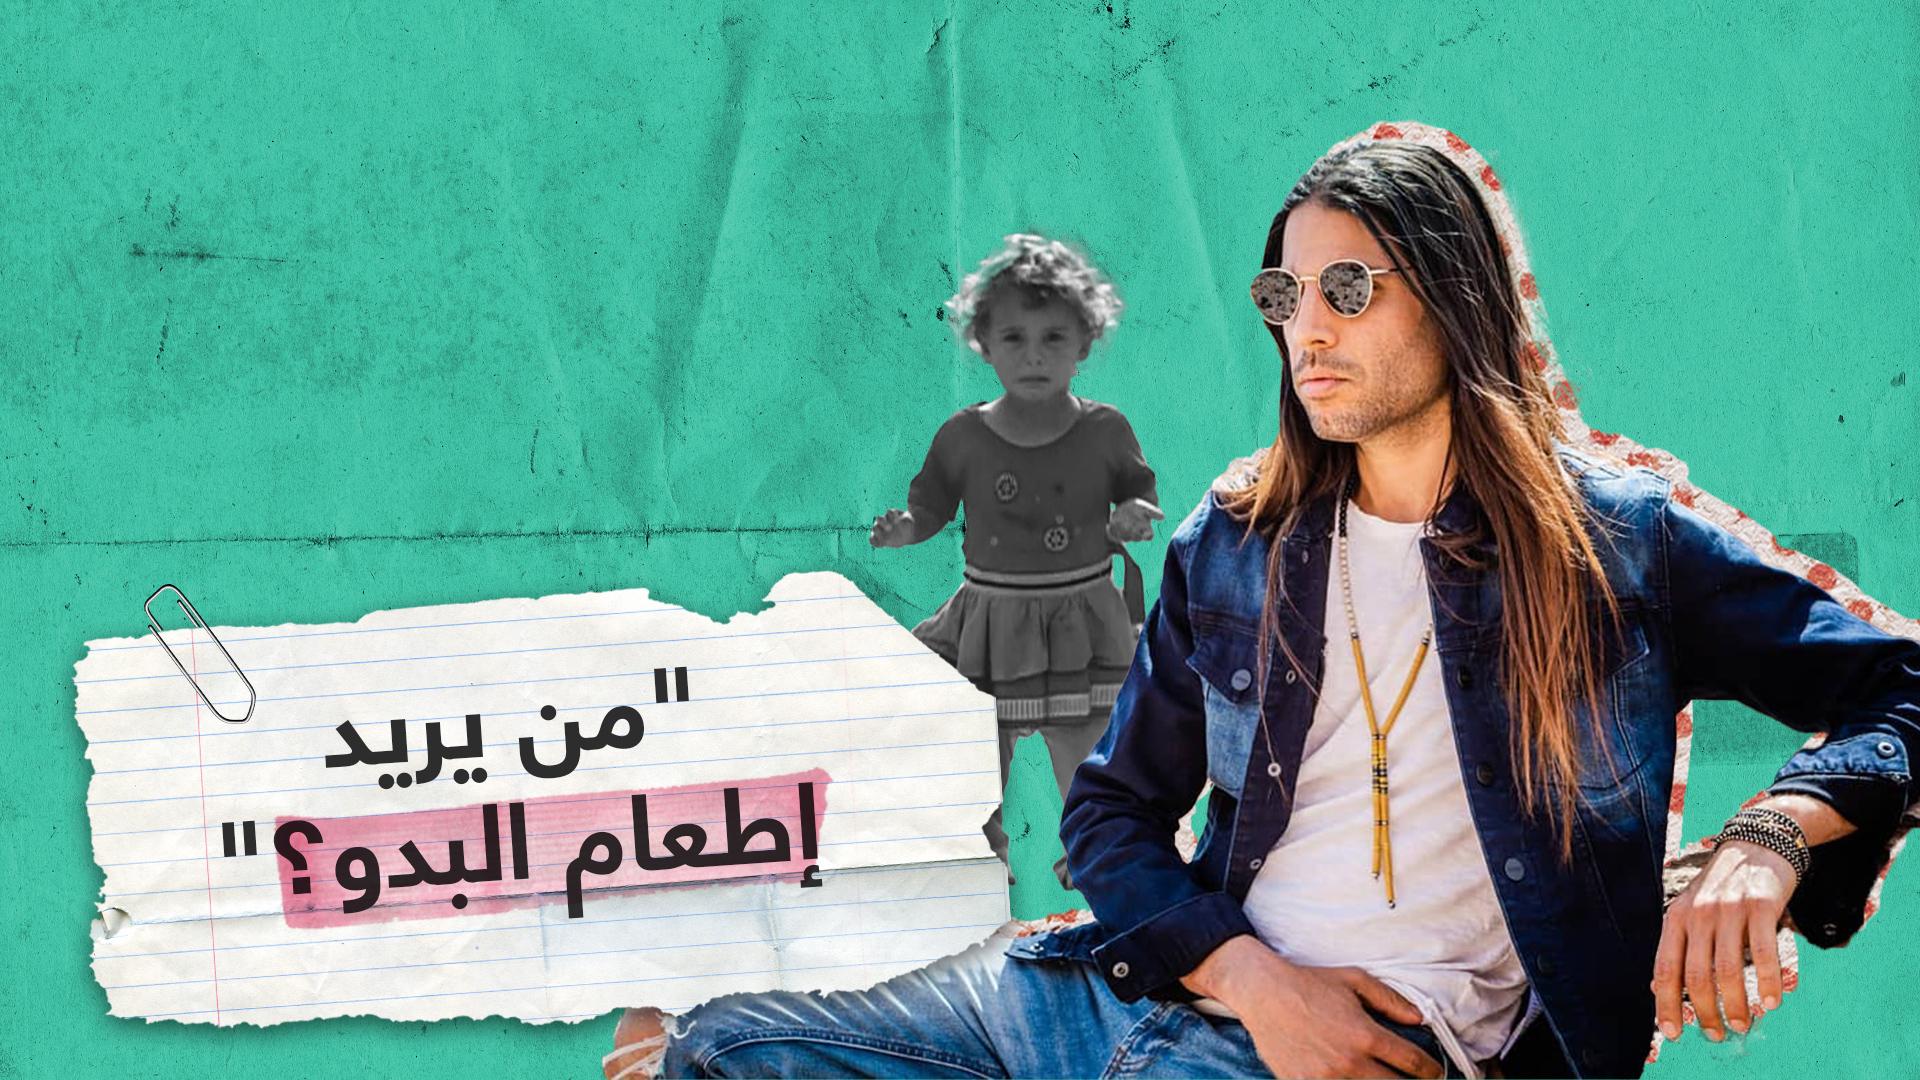 فيديو عنصري لمذيع إسرائيلي تجاه طفلين فلسطينيين